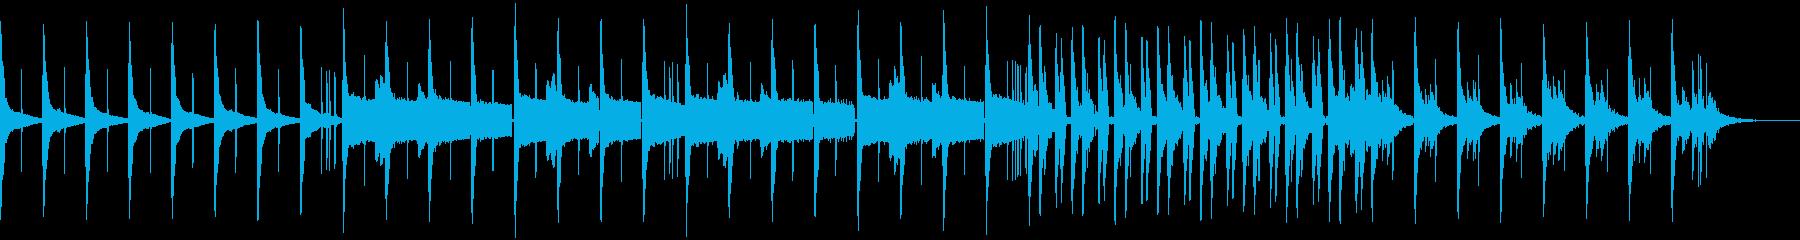 ちょっと切なくまったりした曲の再生済みの波形